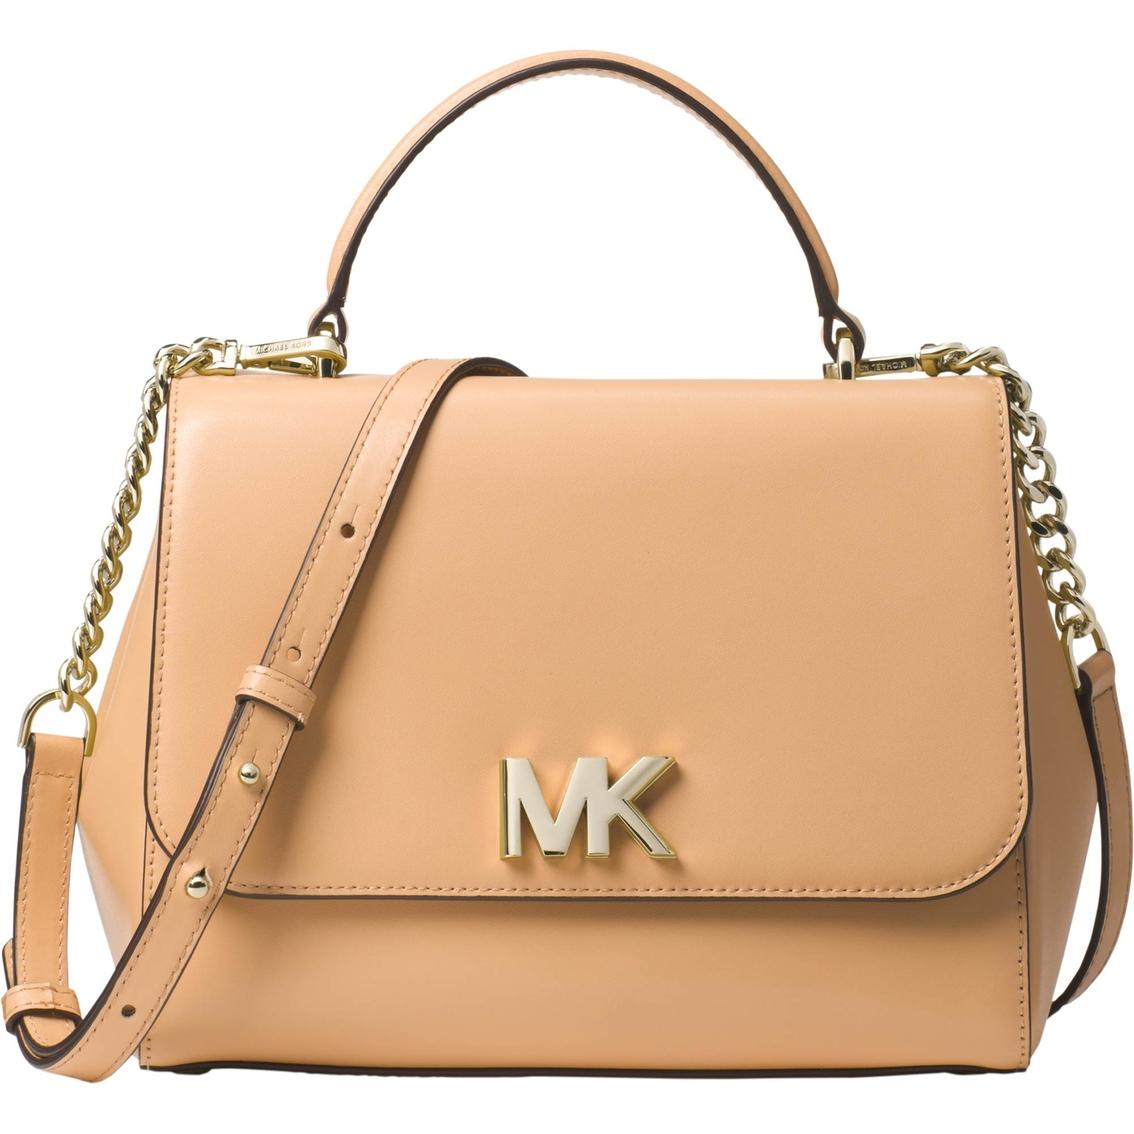 29e9f5a3ef1a55 Michael Kors Mott Leather Medium Top Handle Satchel   Handbags ...